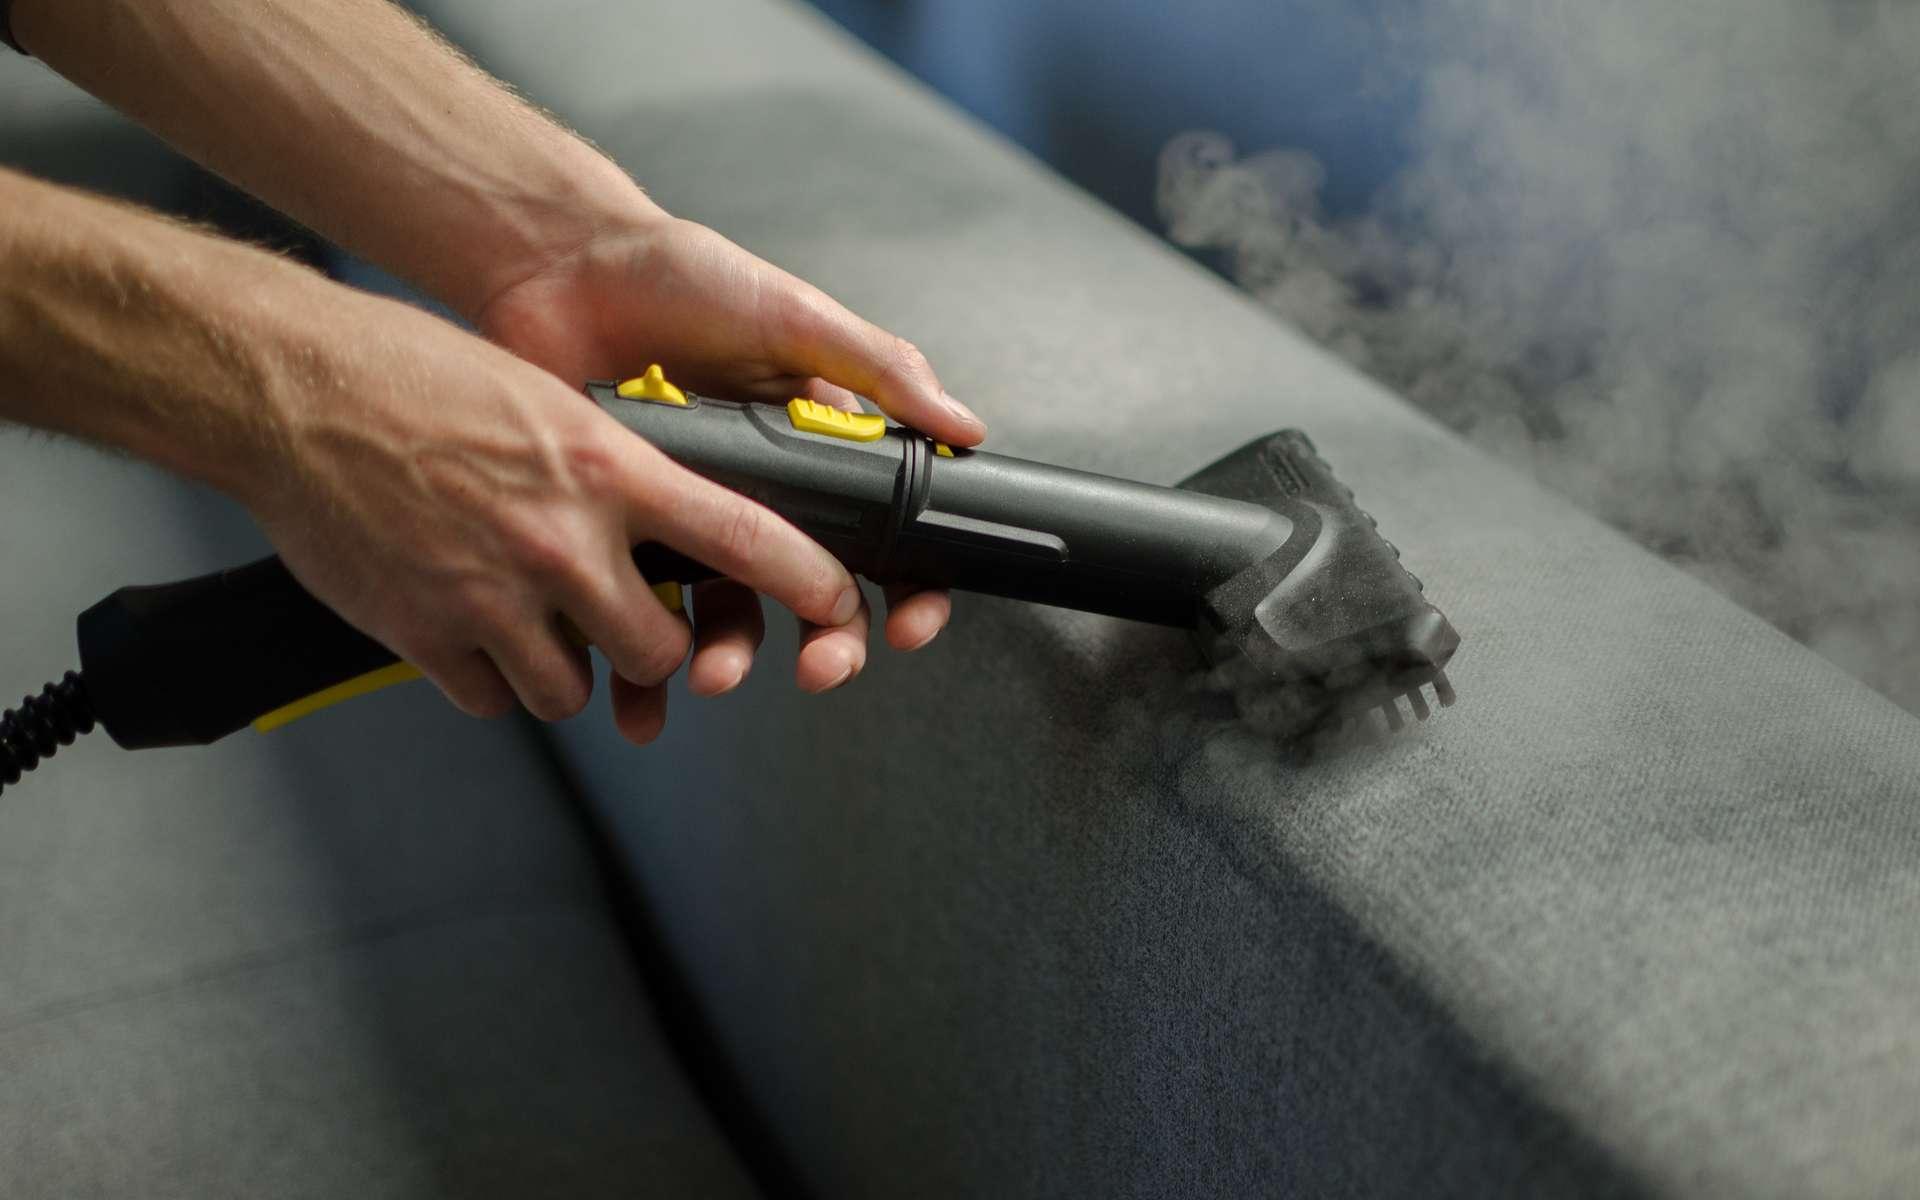 Nettoyer simplement toutes les surfaces avec un nettoyeur à vapeur. © Jeena, Adobe Stock